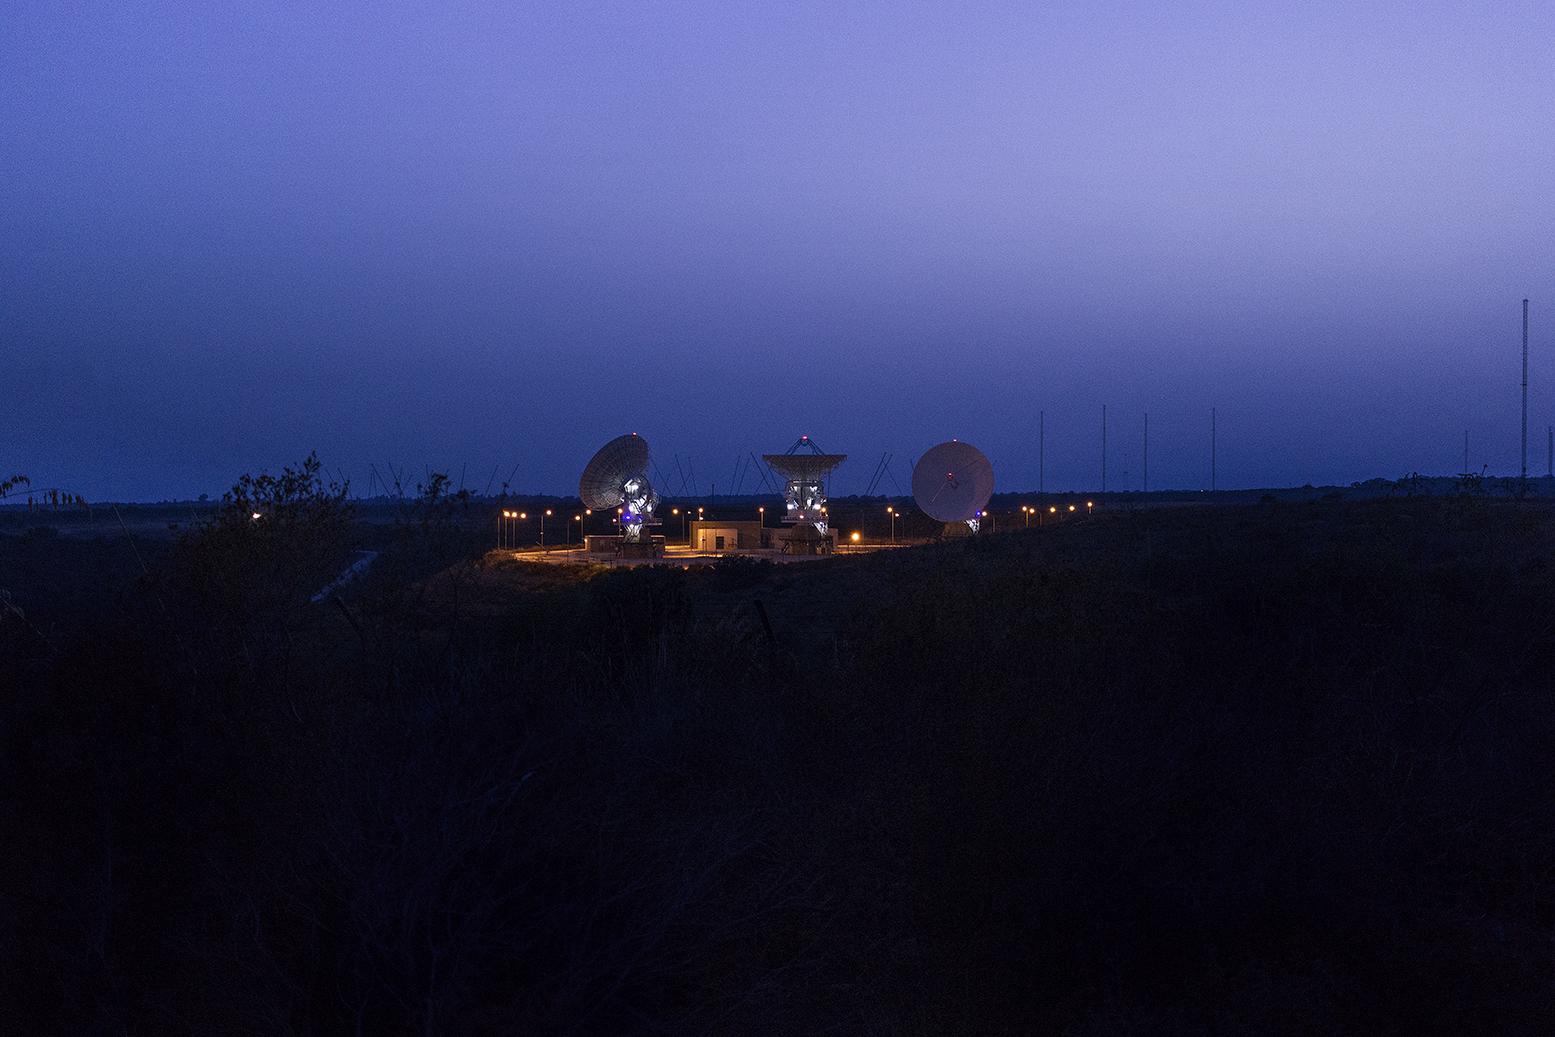 Niscemi (CL), Luglio 2017. La stazione MUOS di Niscemi è una delle quattro stazioni di terra del più avanzato sistema di comunicazione militare statunitense, rete composta da altre tre stazioni simili (due negli USA e una in Australia) e da una costellazione di cinque satelliti. Il sistema funziona come un fornitore di servizi di telefonia globale, consentendo ai combattenti sul campo di comunicare direttamente tra loro e con i loro comandanti, anche negli ambienti più ostili. La stazione siciliana dovrebbe diventare il più importante snodo delle telecomunicazioni militari USA in Europa, Africa e Medio Oriente. © Chiara Faggionato